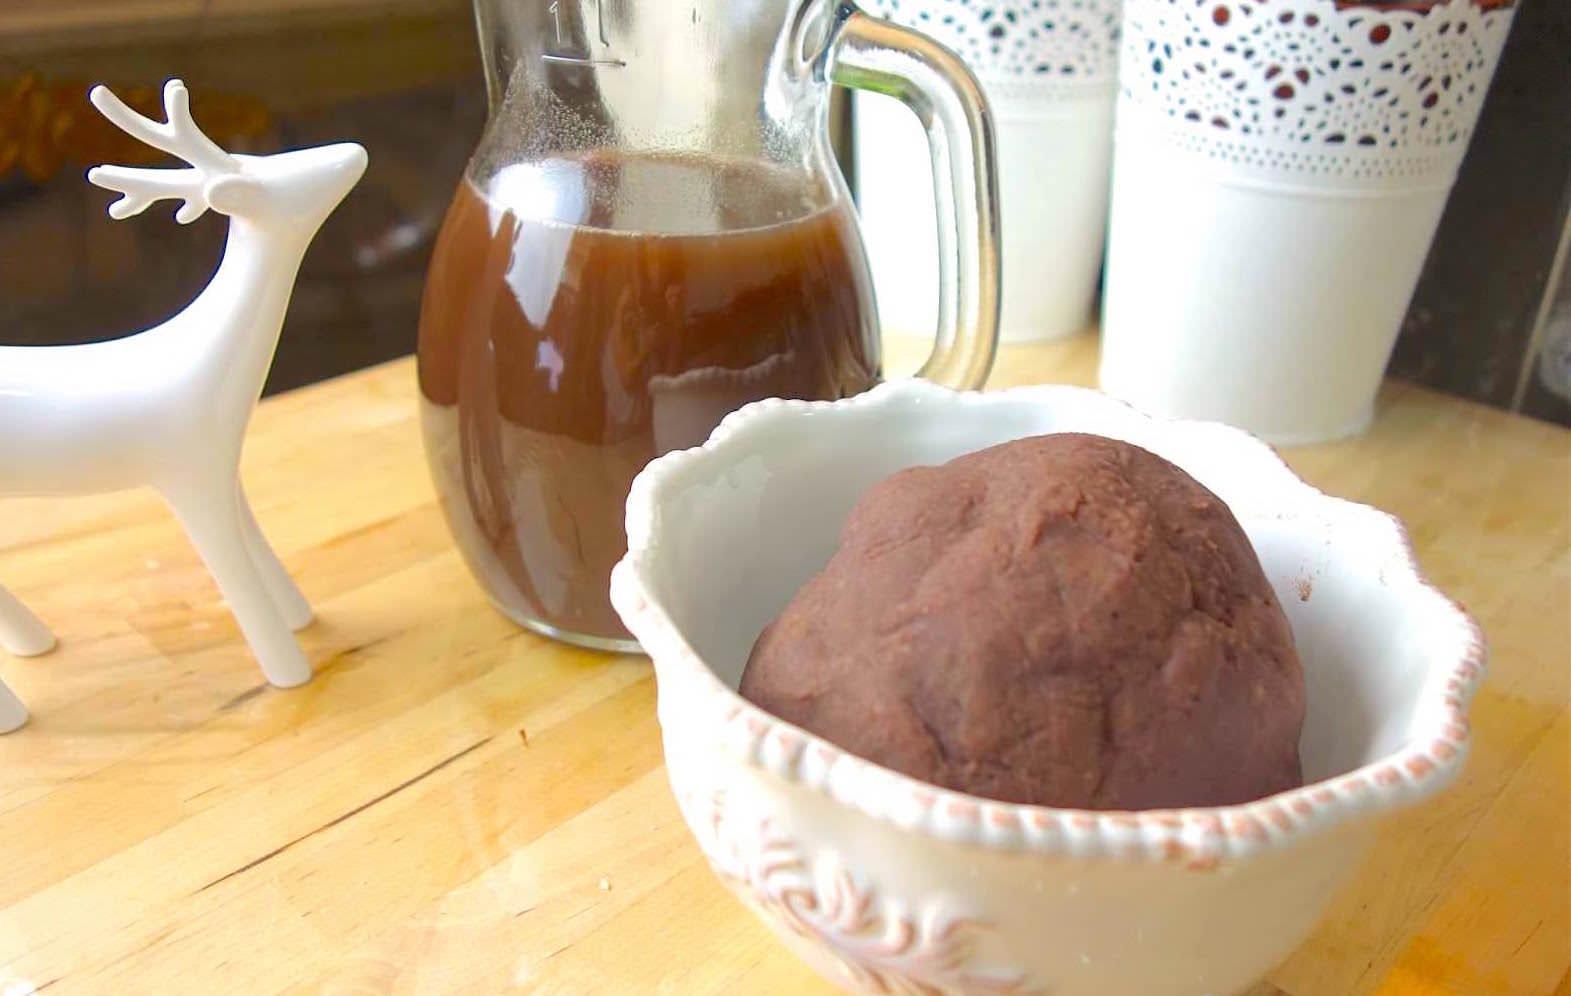 「 5 招做出綿密入口即化的紅豆沙餡」古傳密法配方,抓住這個秘訣就不會失敗了!